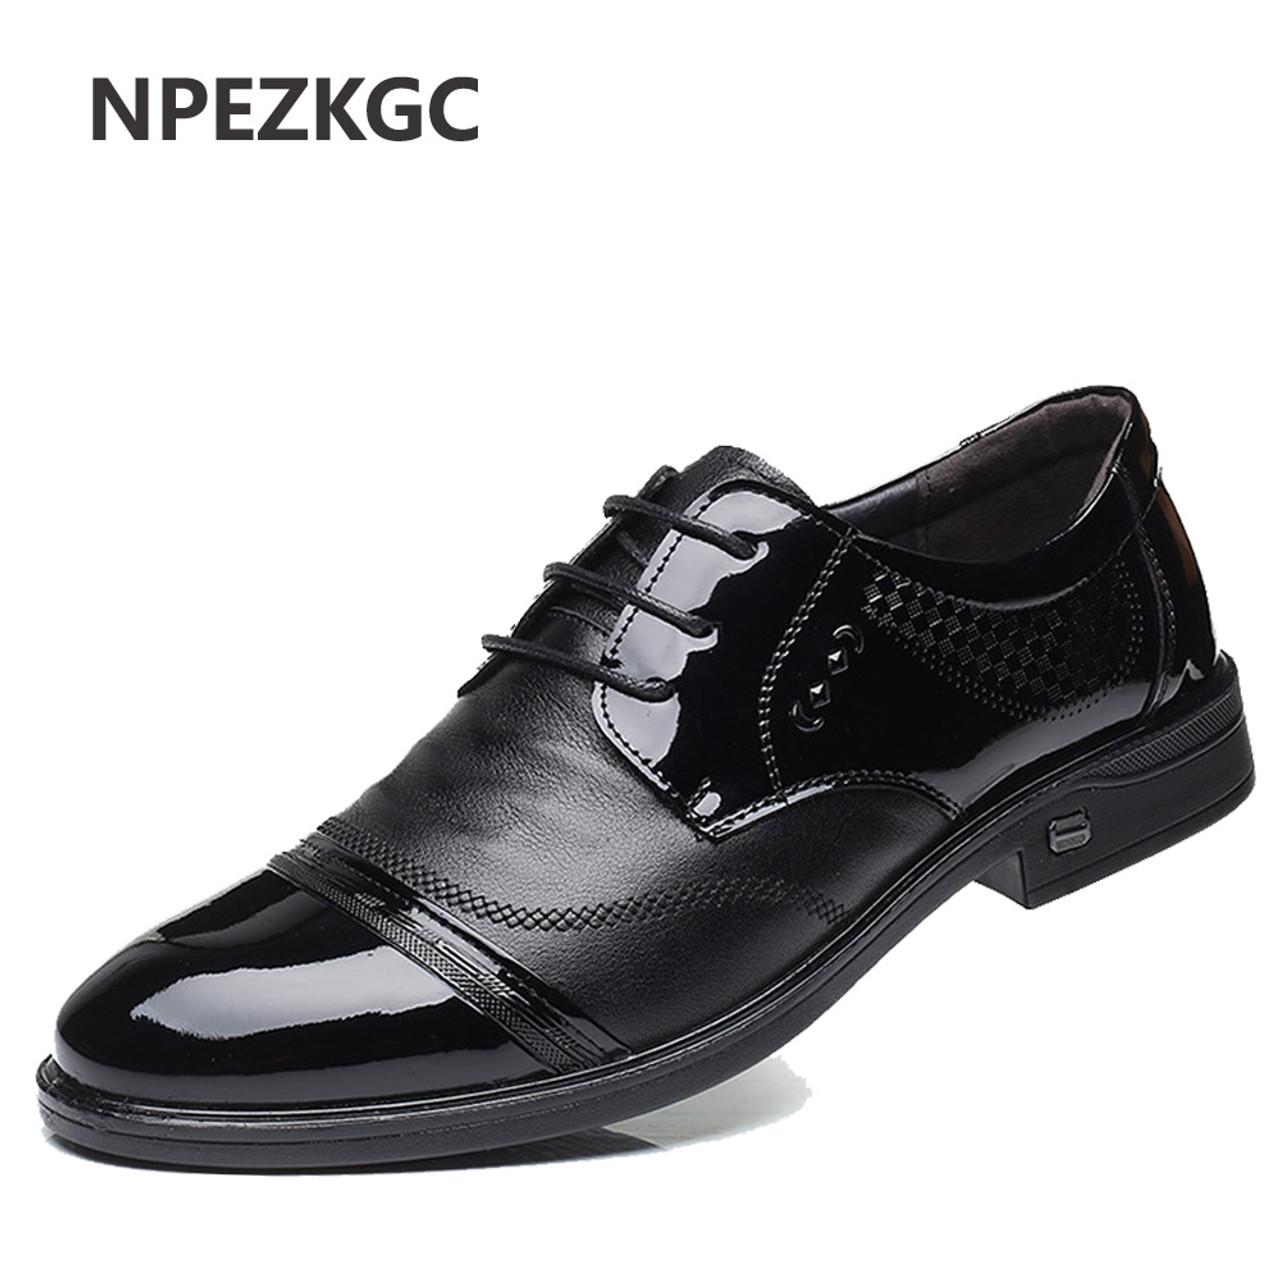 f4002ff1 NPEZKGC Fashion Men Shoes Genuine Leather Men Dress Shoes Brand Luxury Men's  Business Casual Classic Gentleman ...